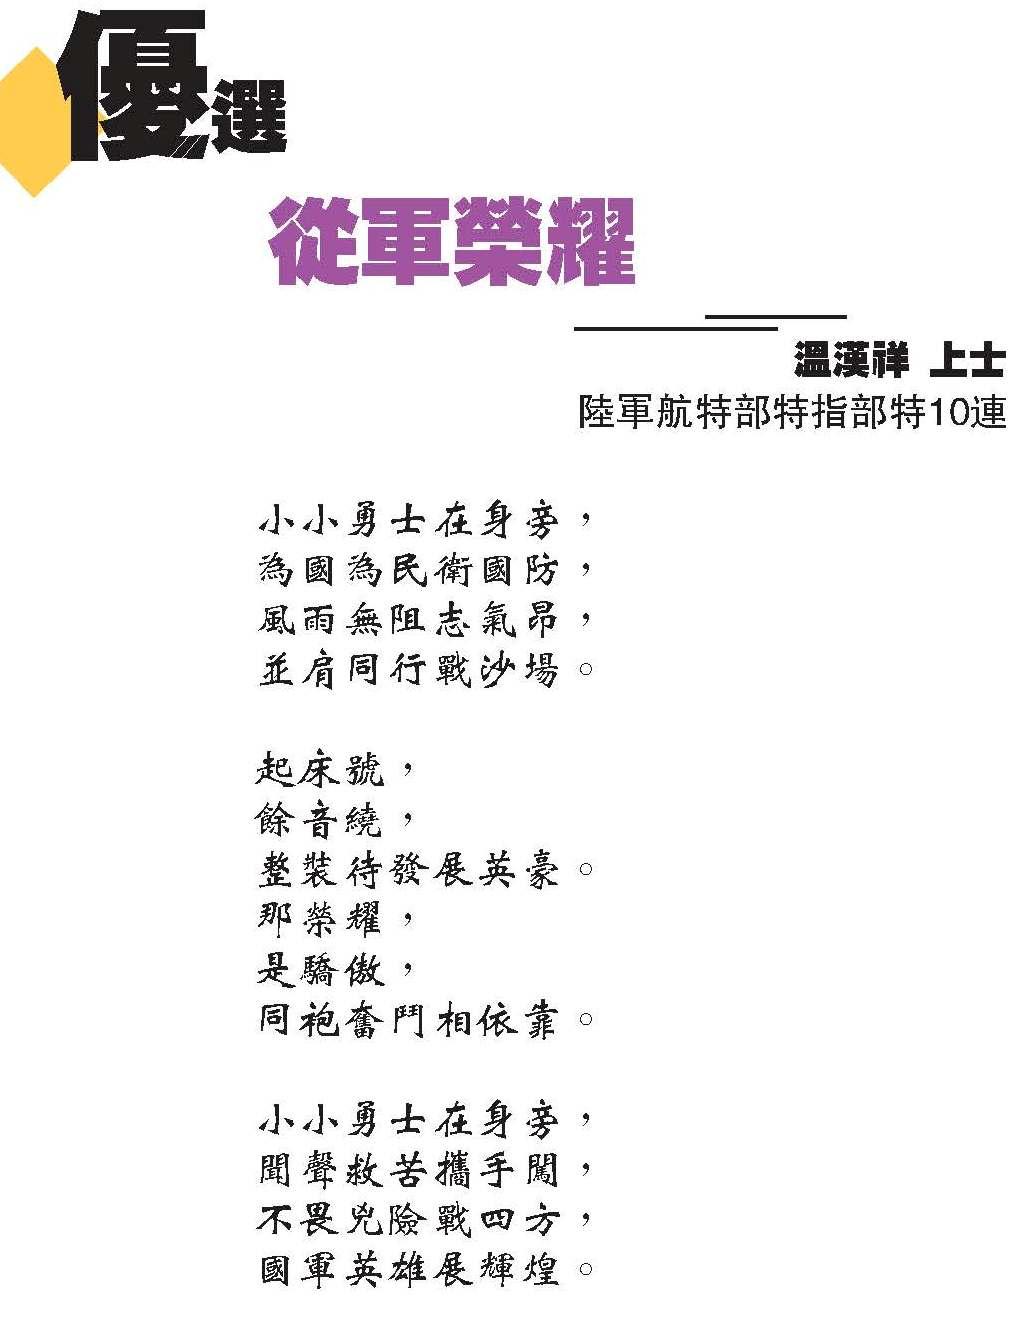 第50屆歌詞項國軍組優選作品—從軍榮耀_作者:温漢祥.jpg